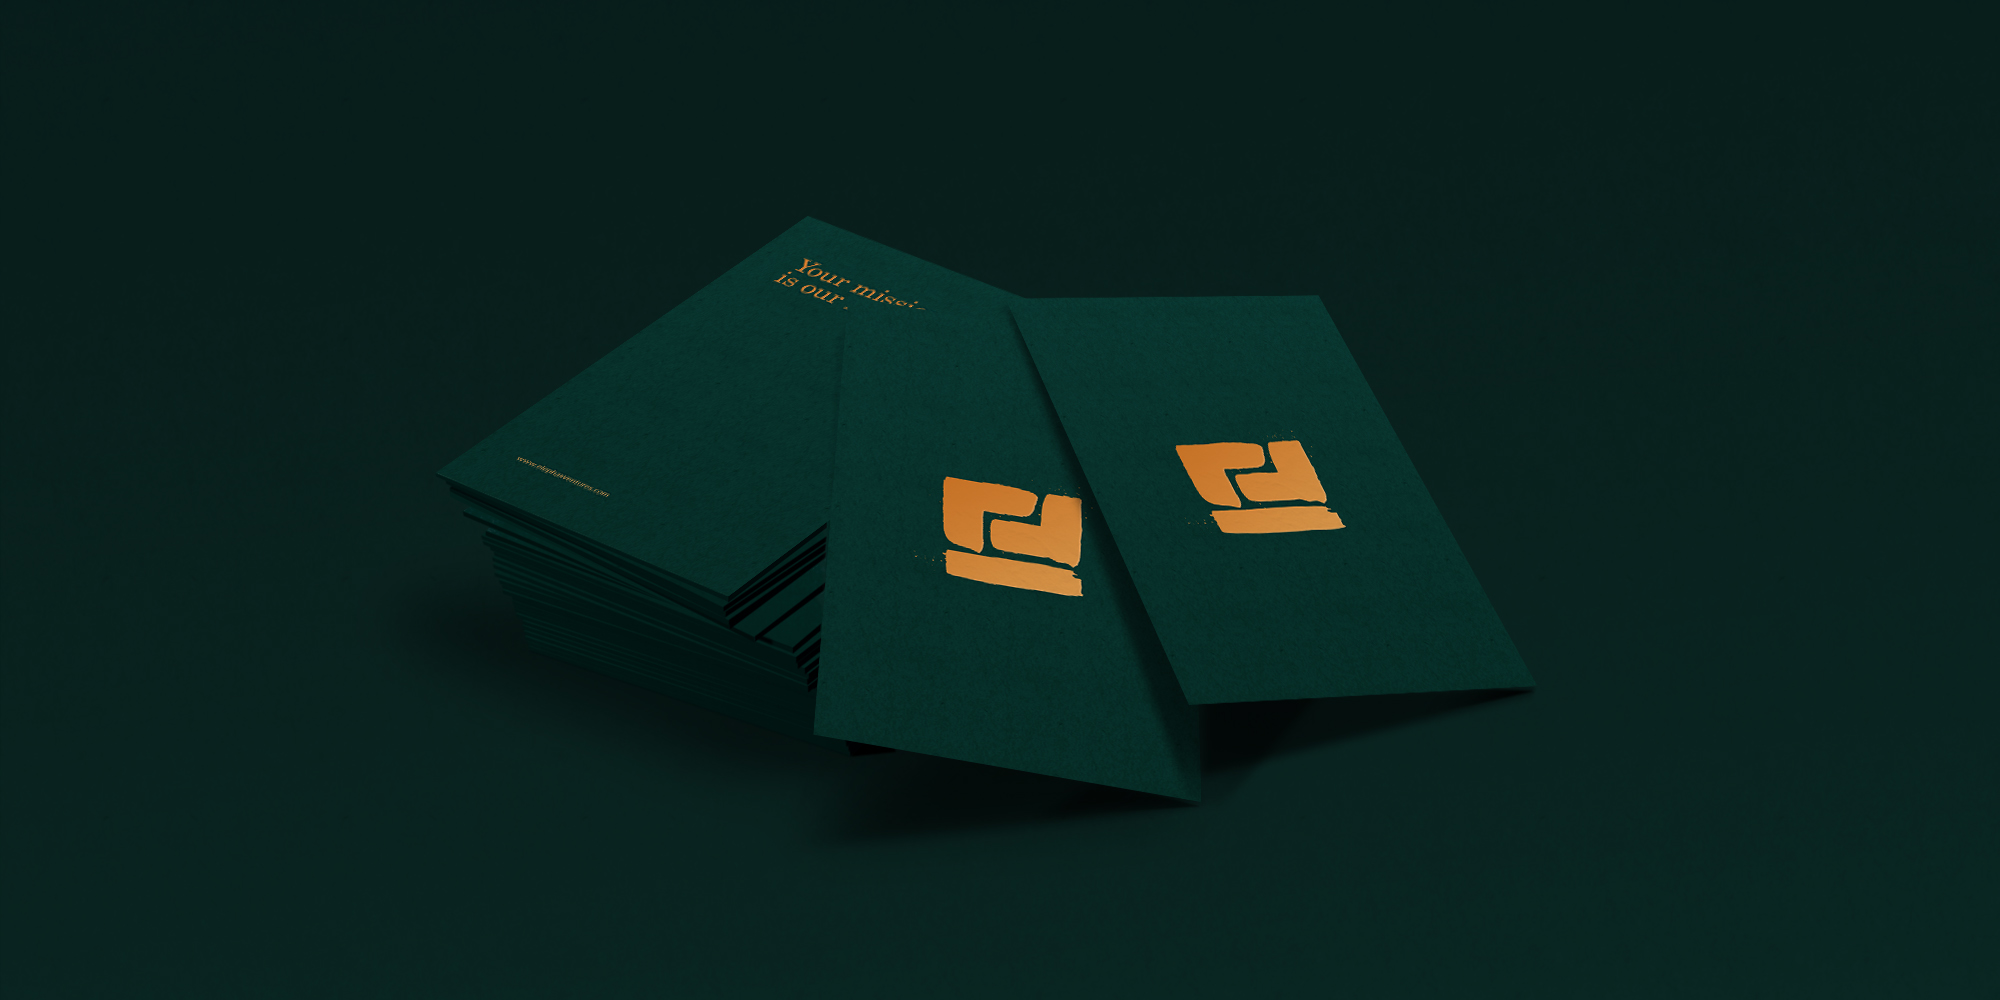 Elephas_Logo_Branding_BusinessCardDesign_JulieEckertDesign_10.jpg